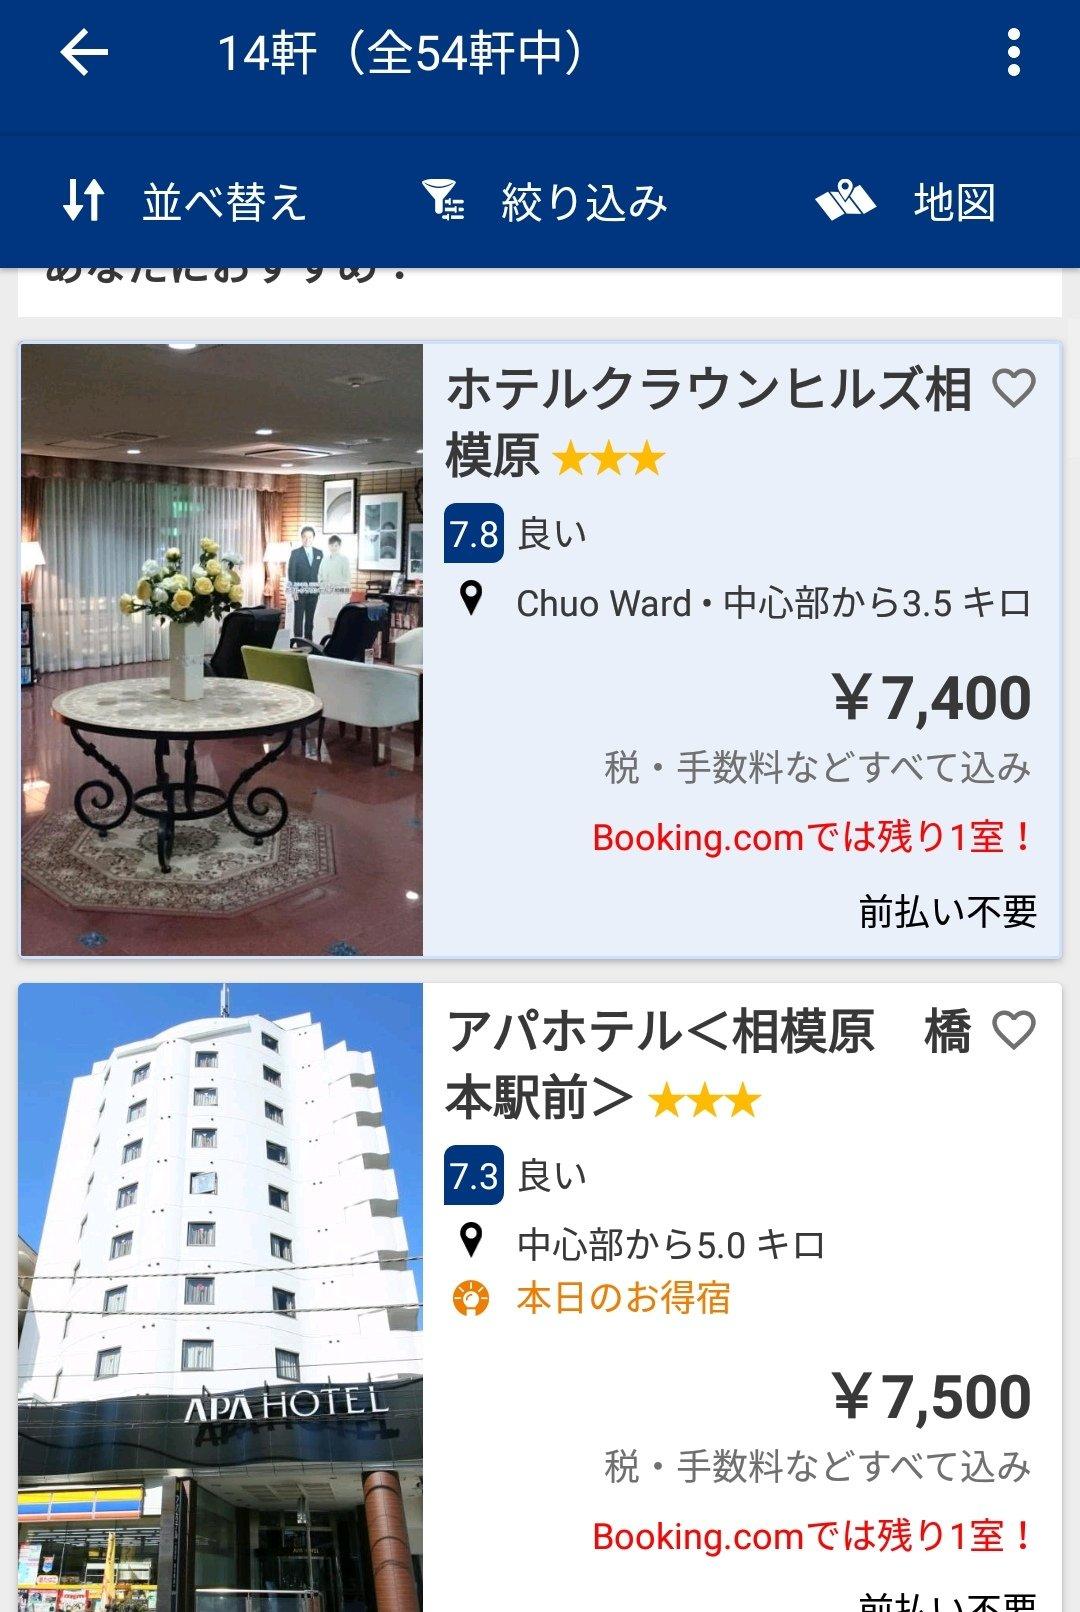 ホテル予約アプリbooking.com体験談